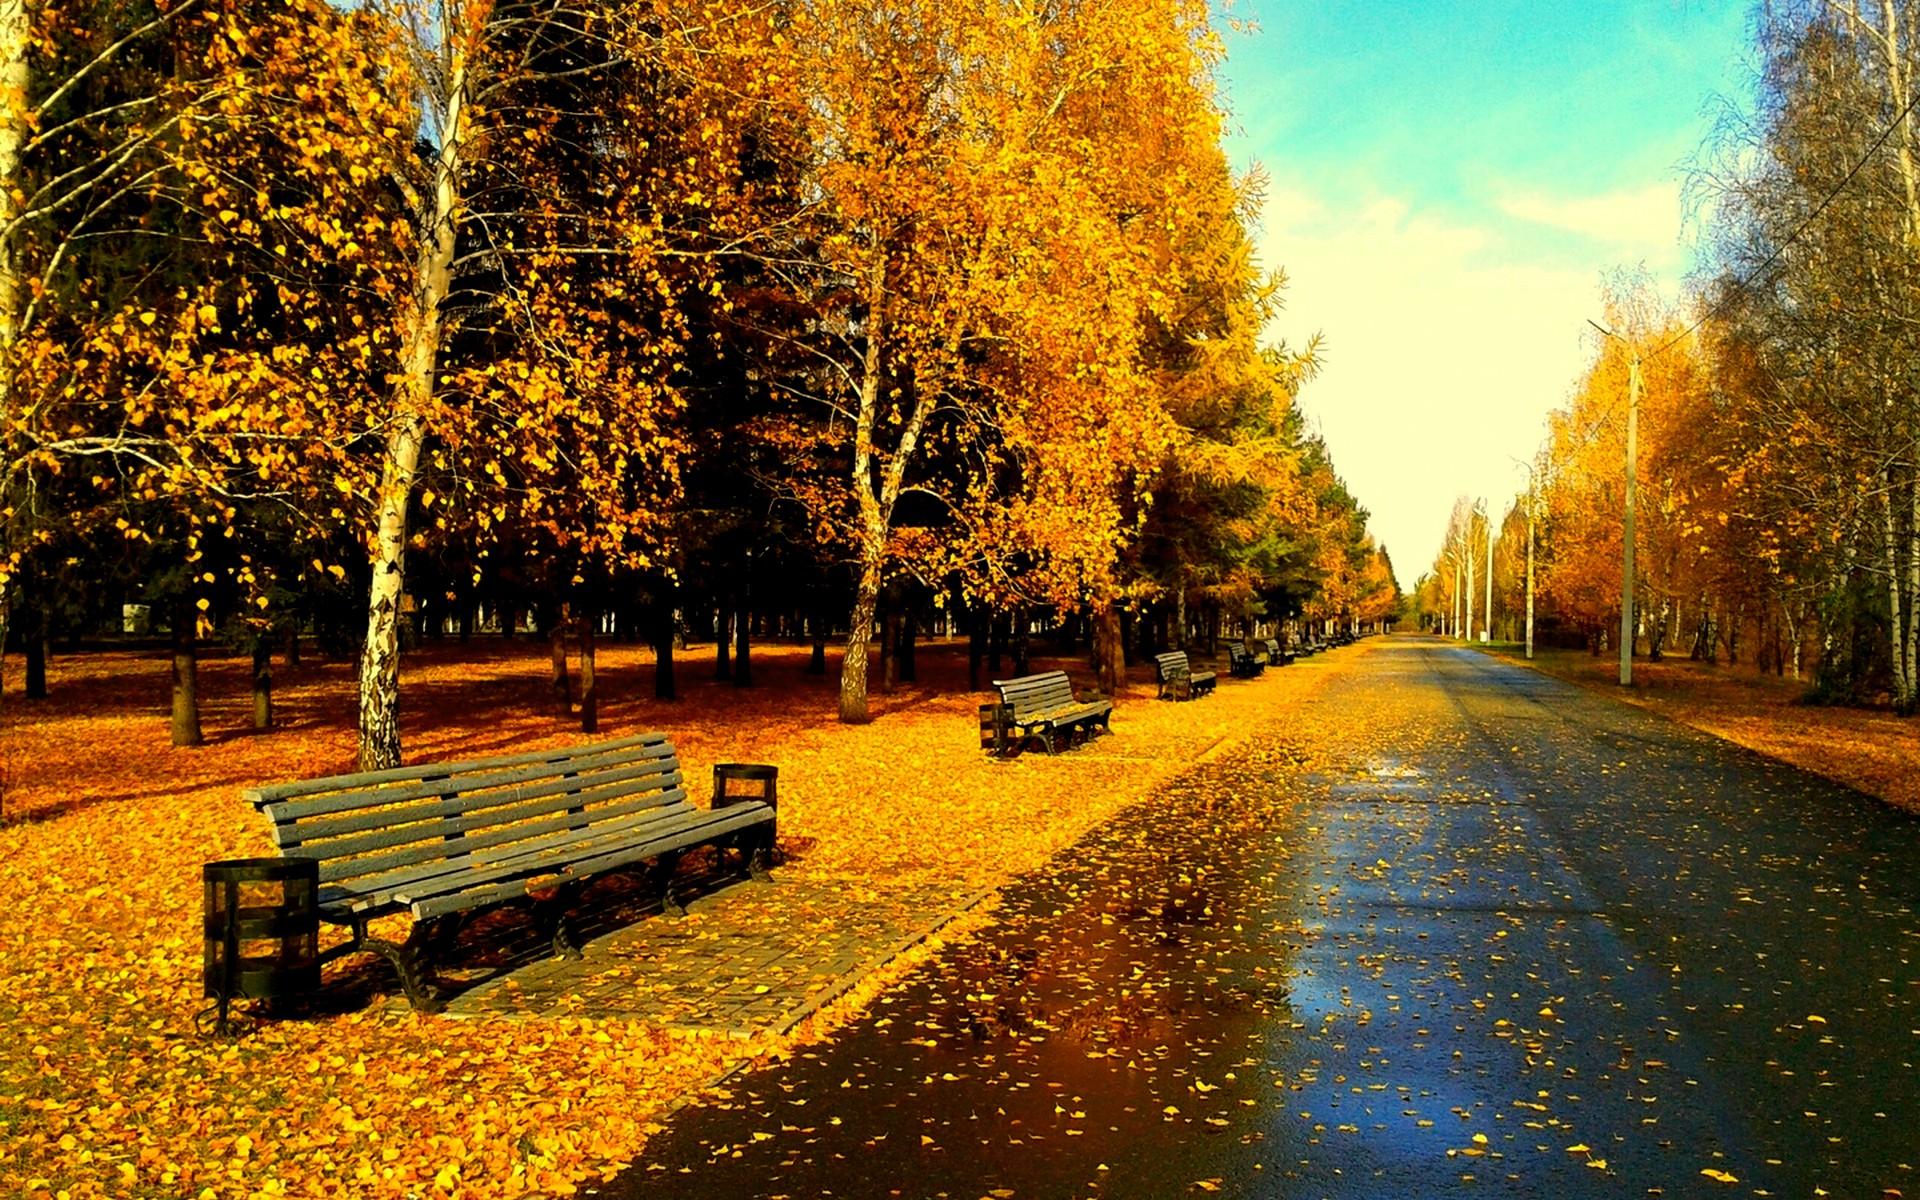 Park After Rain wallpaper